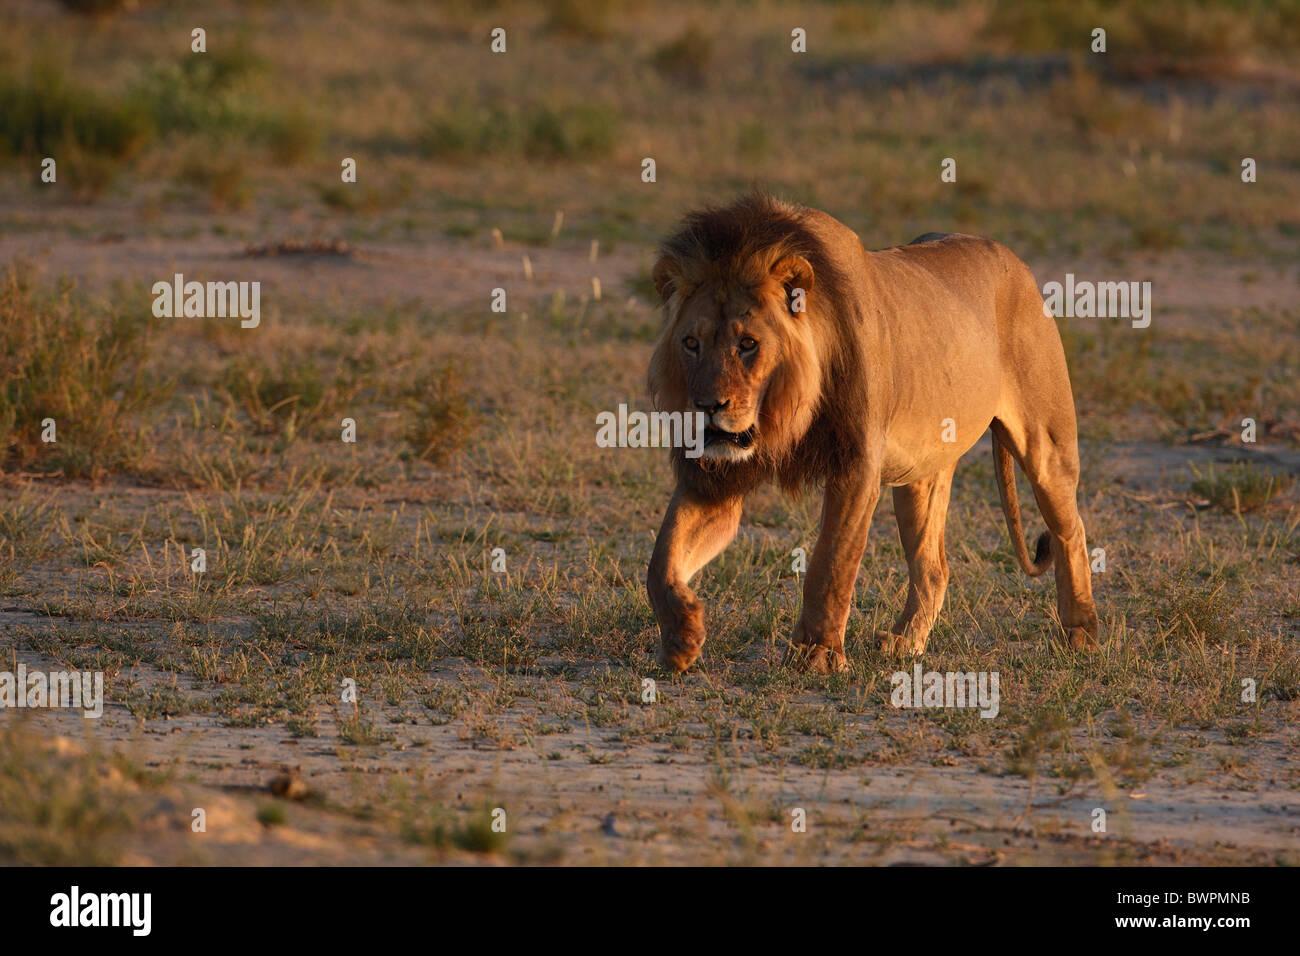 Loewe lion Panthera leo - Stock Image